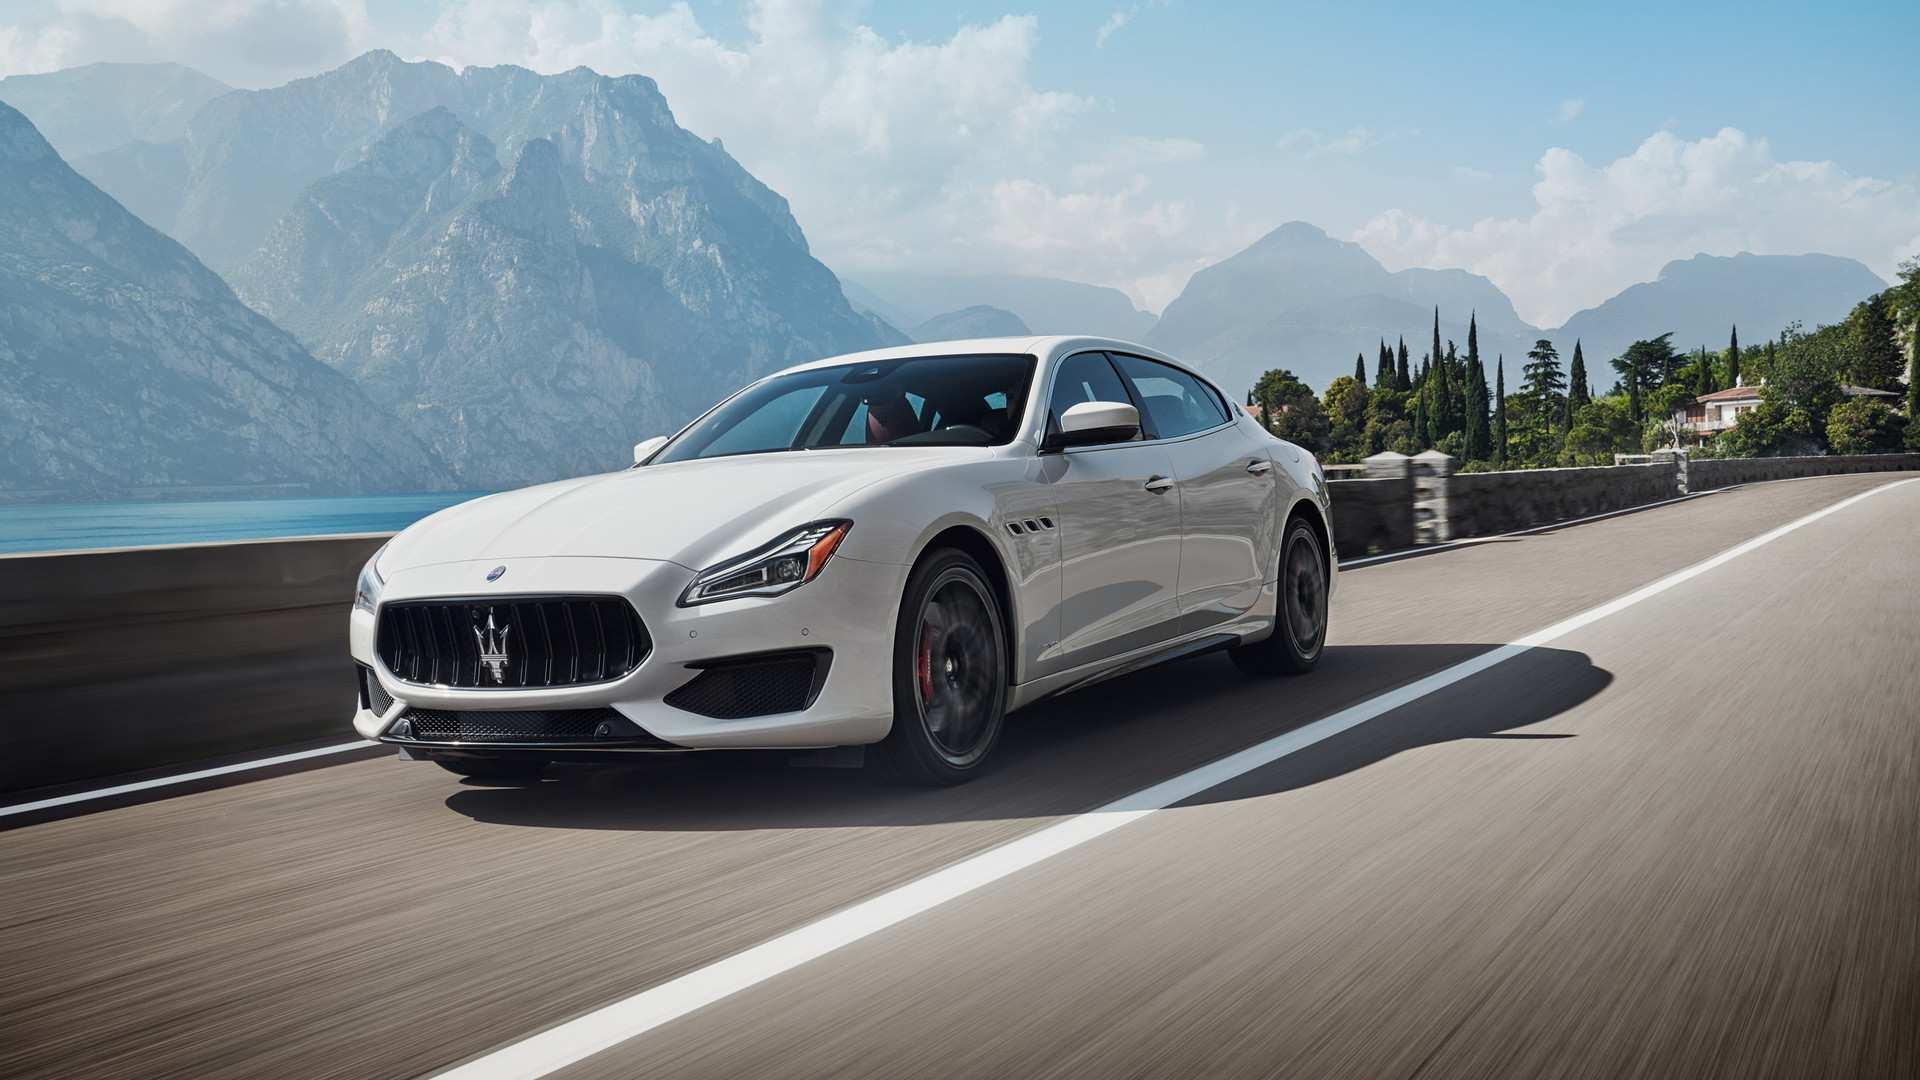 61 Great 2019 Maserati Cost Spy Shoot by 2019 Maserati Cost